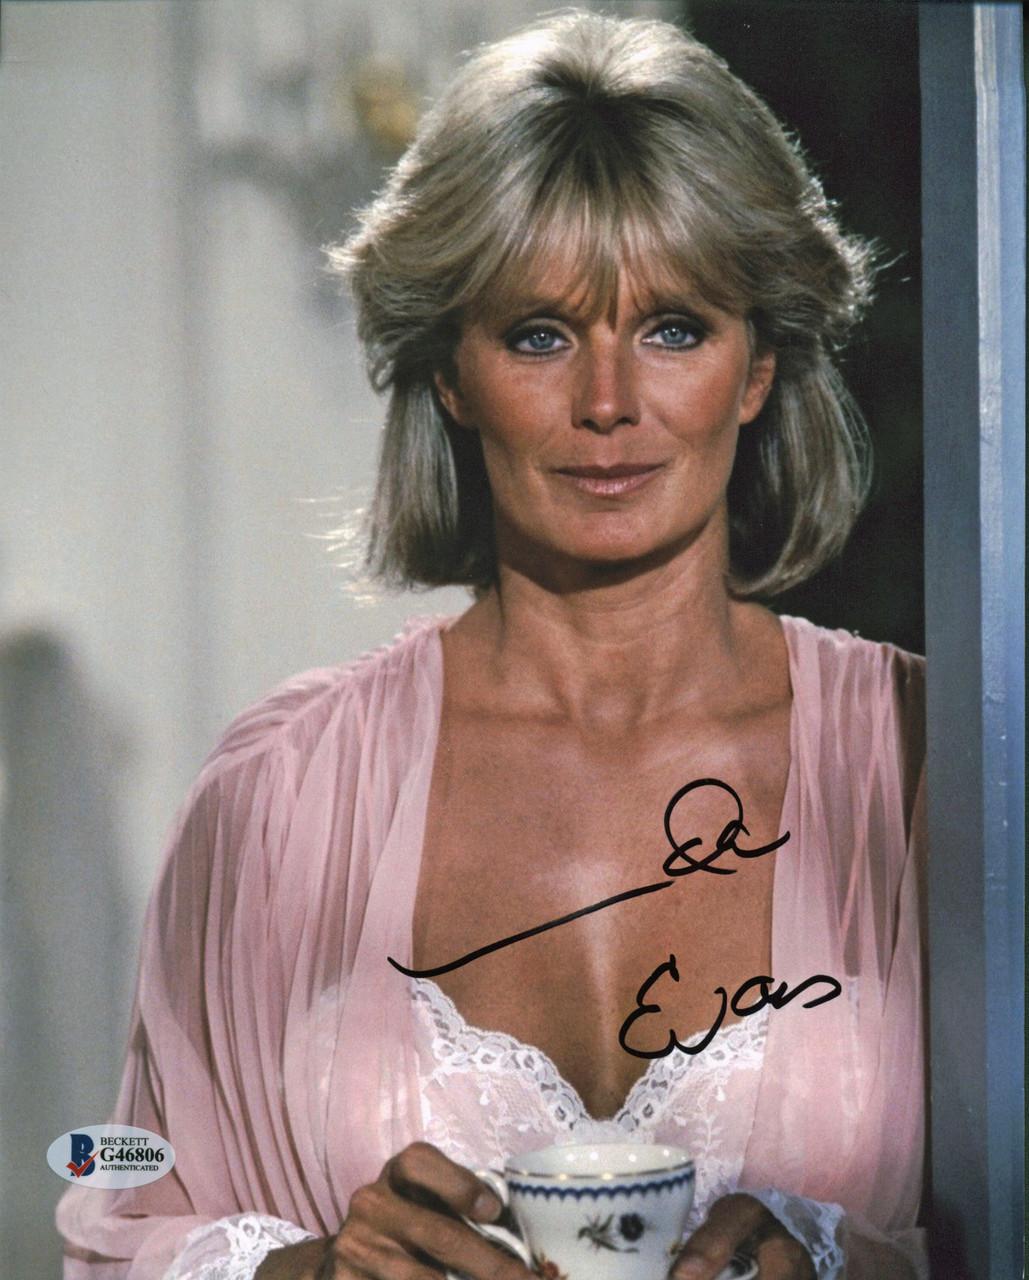 Evans linda Linda Evans